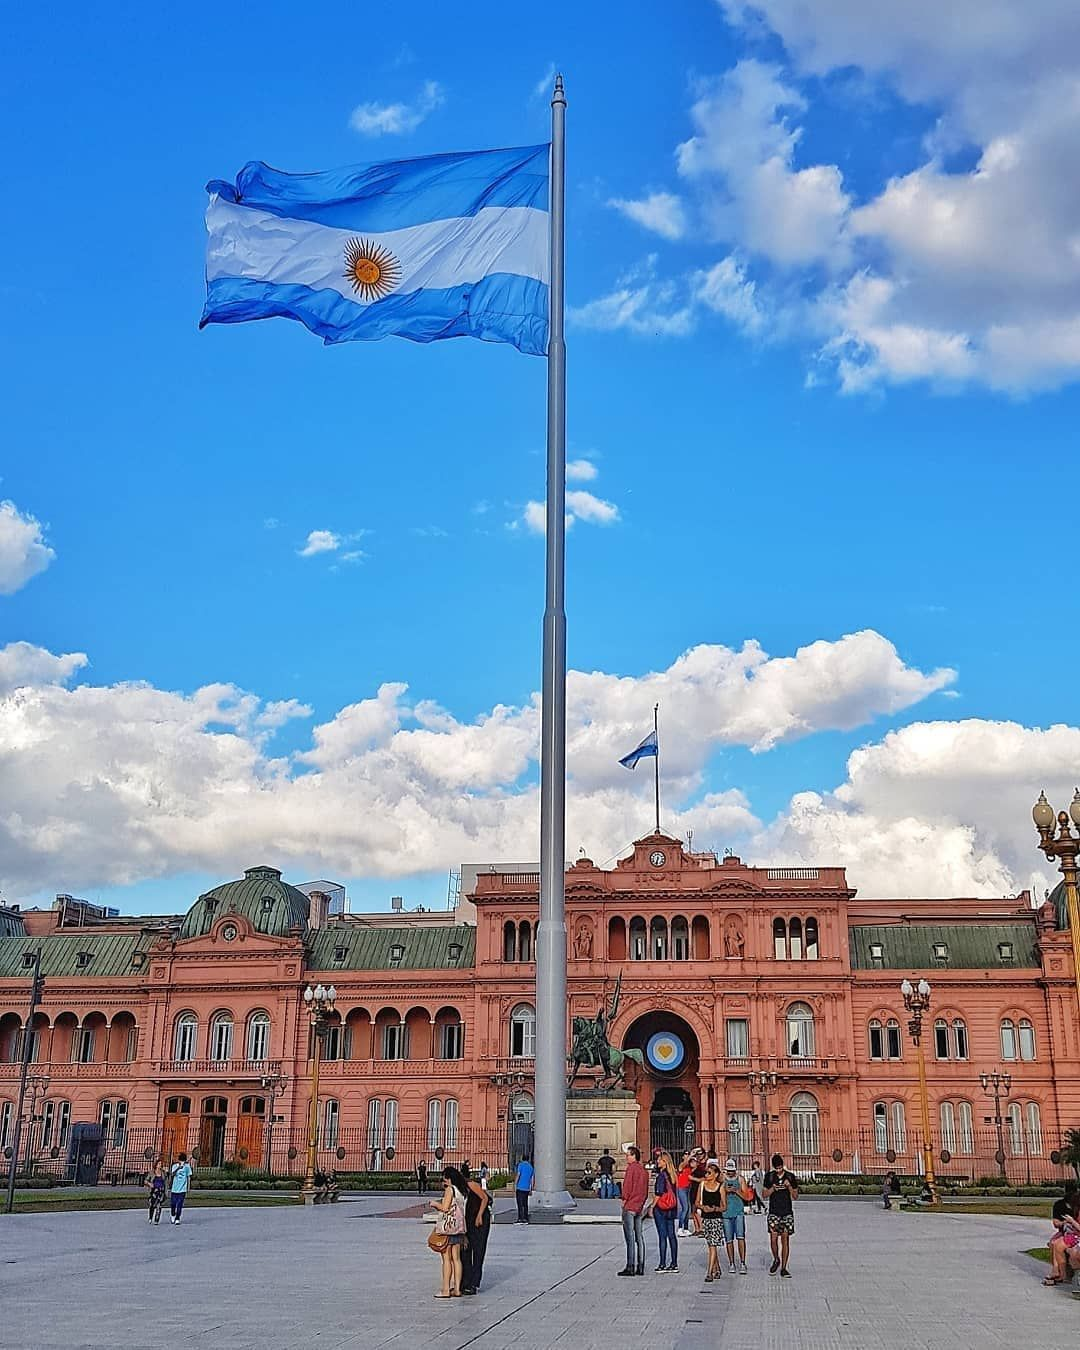 Que Hacer En Buenos Aires Hat Ein Foto Auf Instagram Gepostet Casa Rosada Sede Del Poder Ejecuti En 2020 Ciudad De Buenos Aires Buenos Aires Tourism Buenos Aires